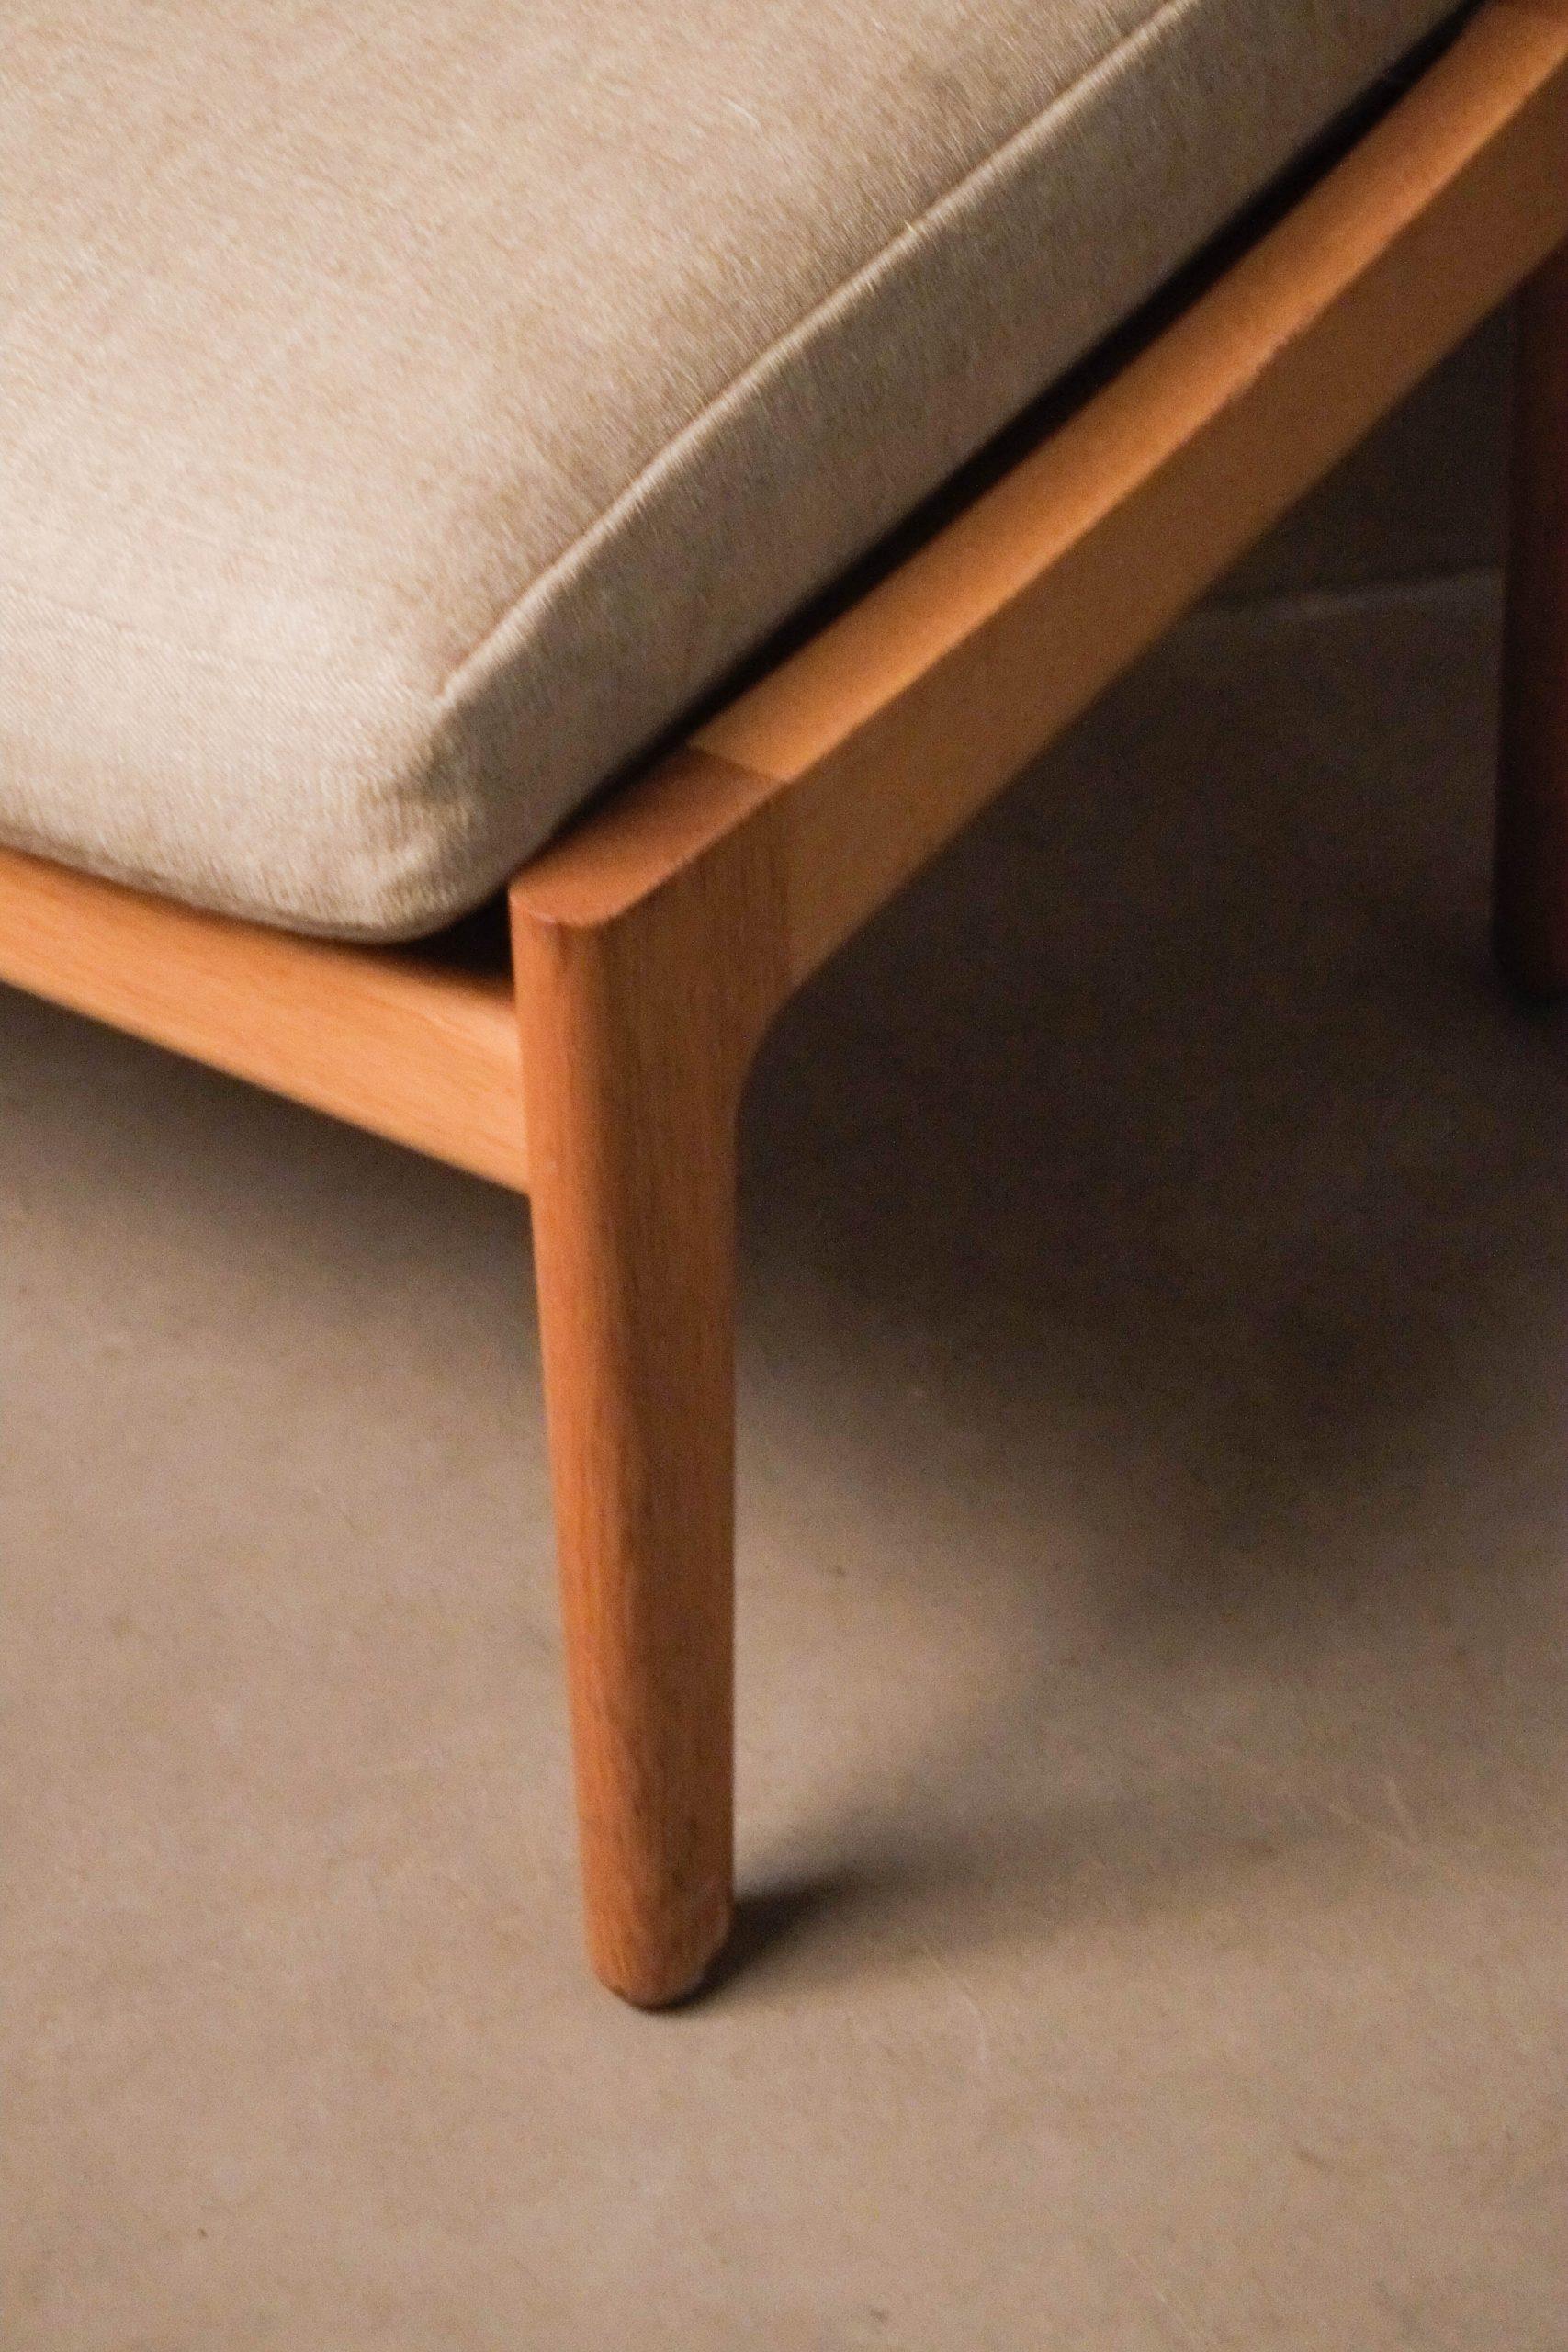 silla butaca de diseño tapizada louge cigar butaca poltrona de alta calidad nordica